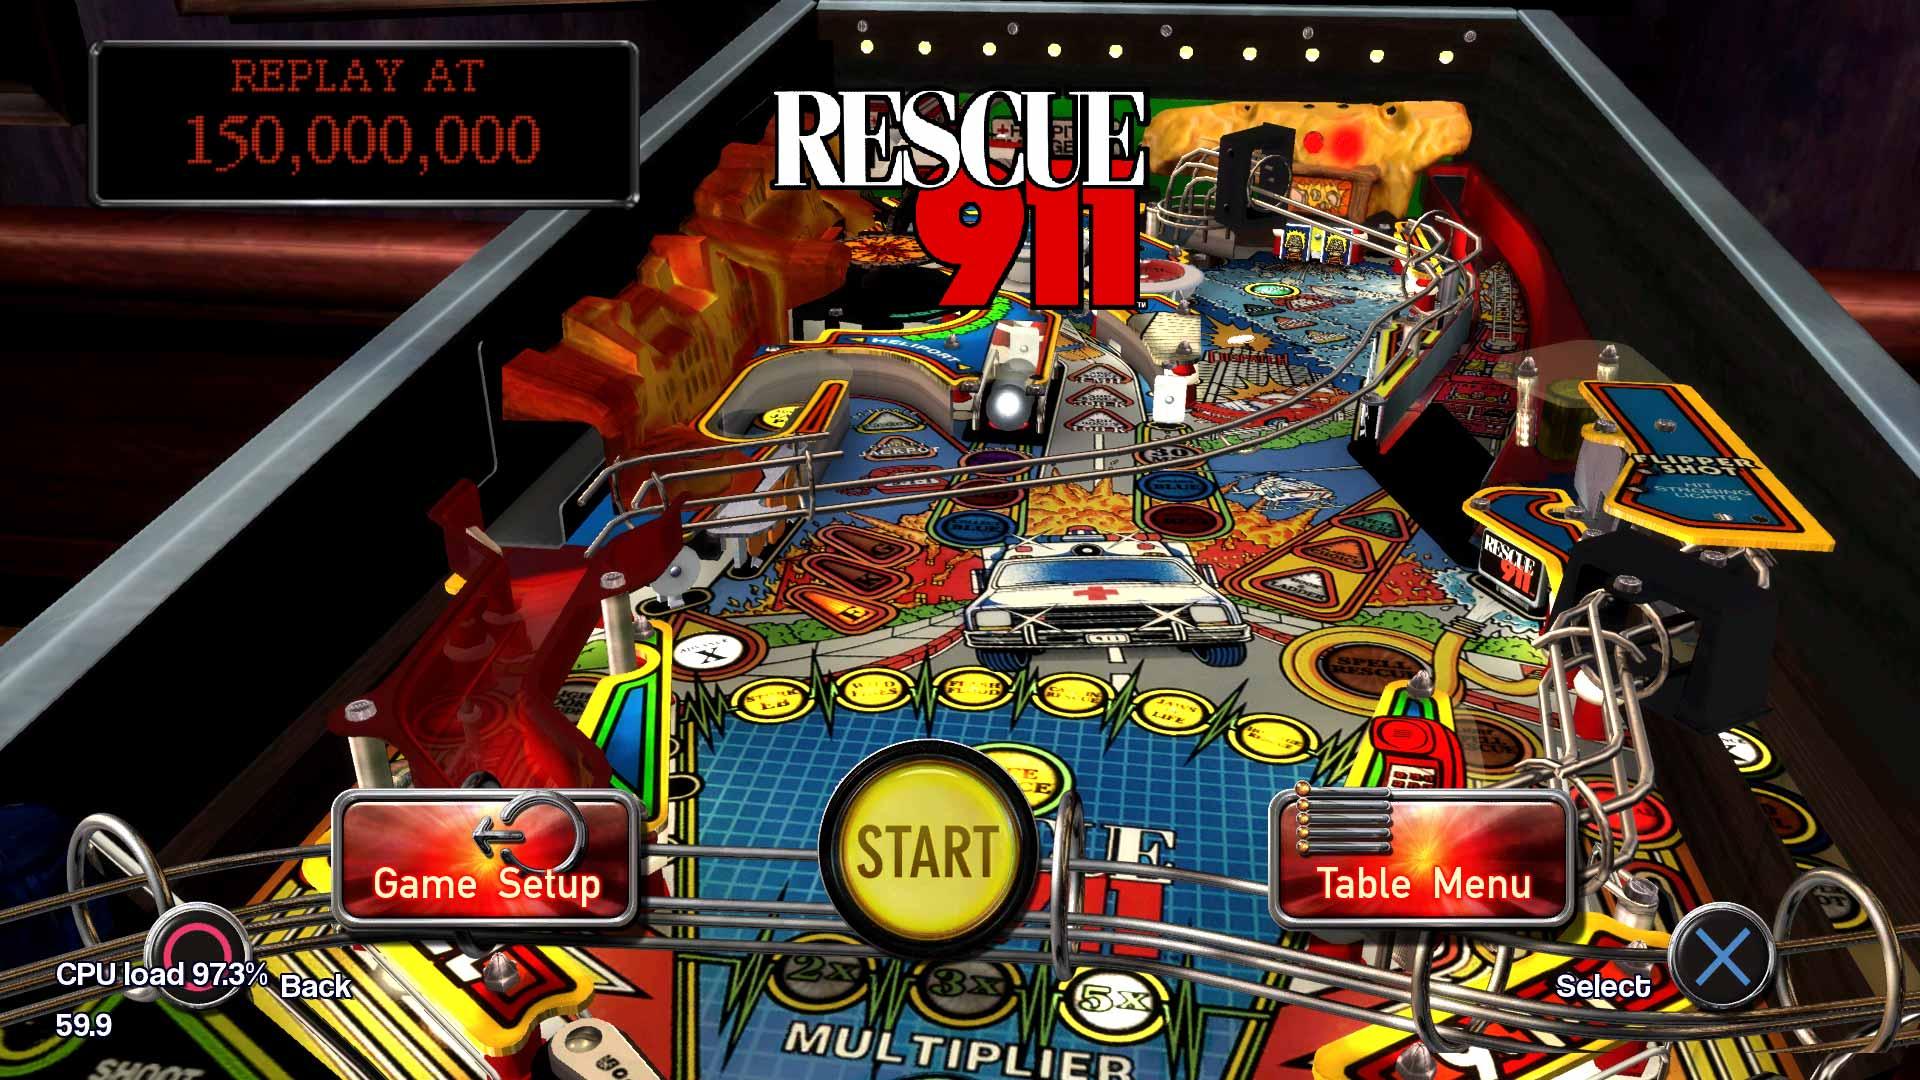 Pinball arcade conjunto de mesa profesional rescue 911 for Pinball de mesa